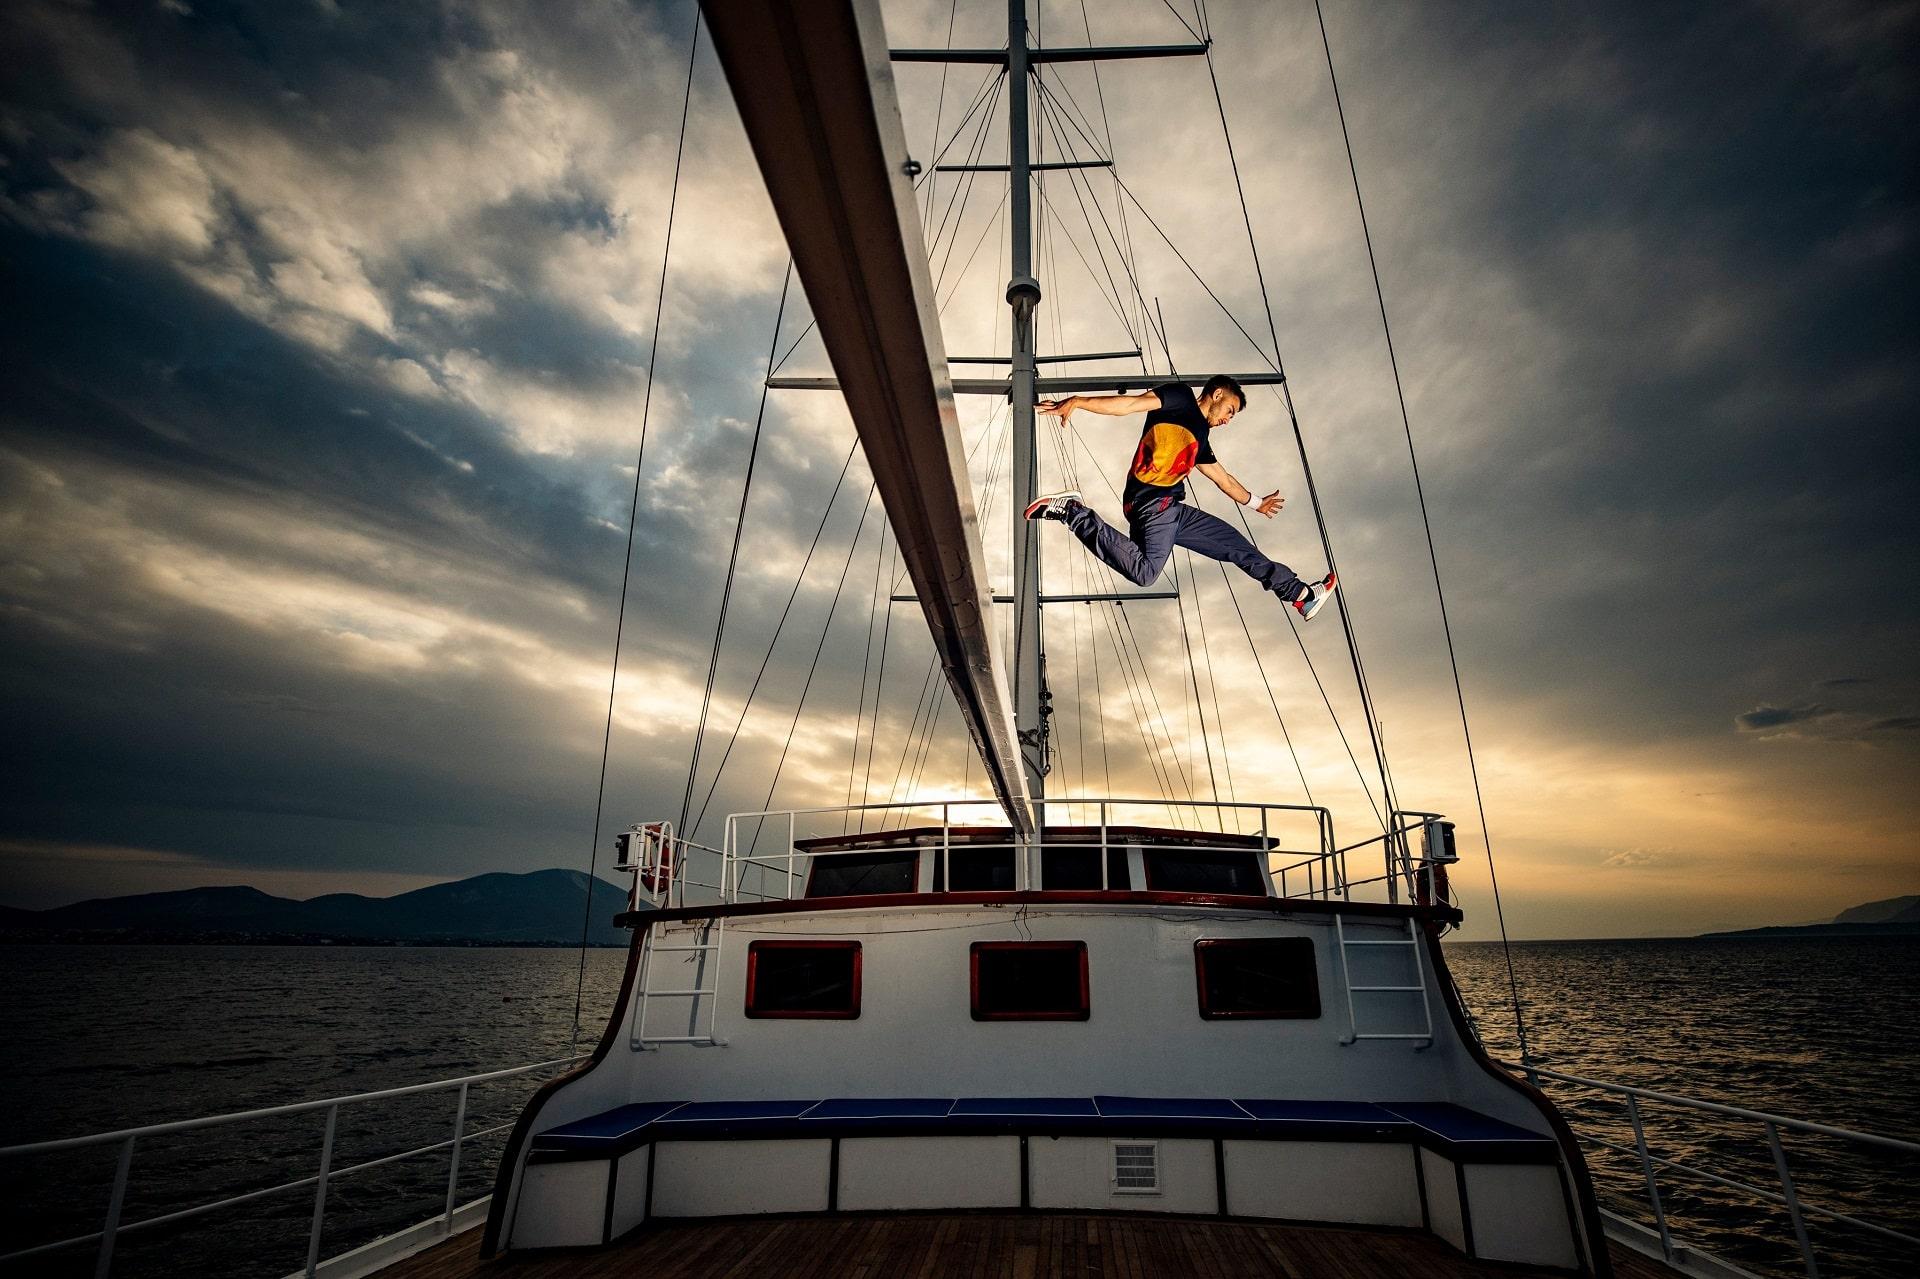 Το Red Bull Art of Motion «βάζει πλώρη» για Μικρολίμανο